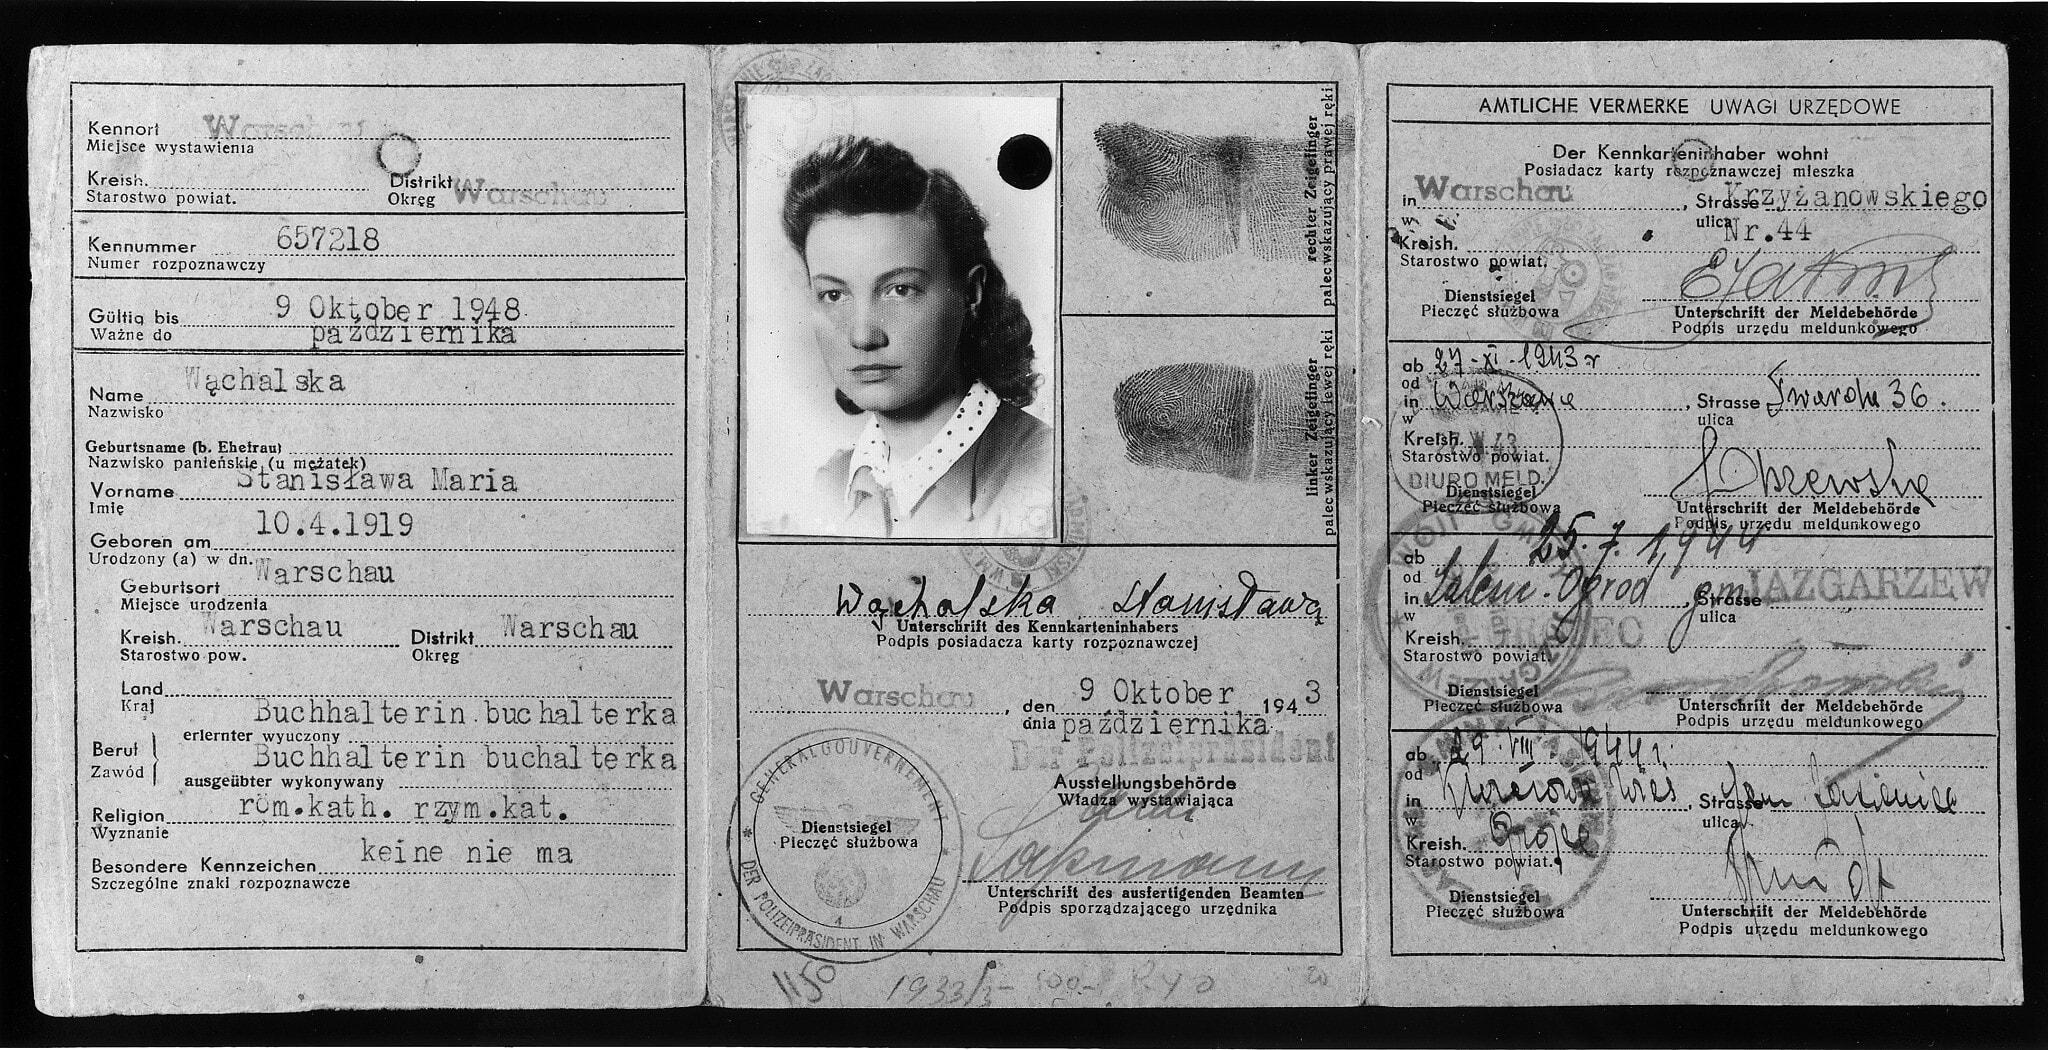 תעודת הזהות המזויפת של ולדקה מיד, 1943 (צילום: United States Holocaust Memorial Museum, courtesy of Benjamin Meed)